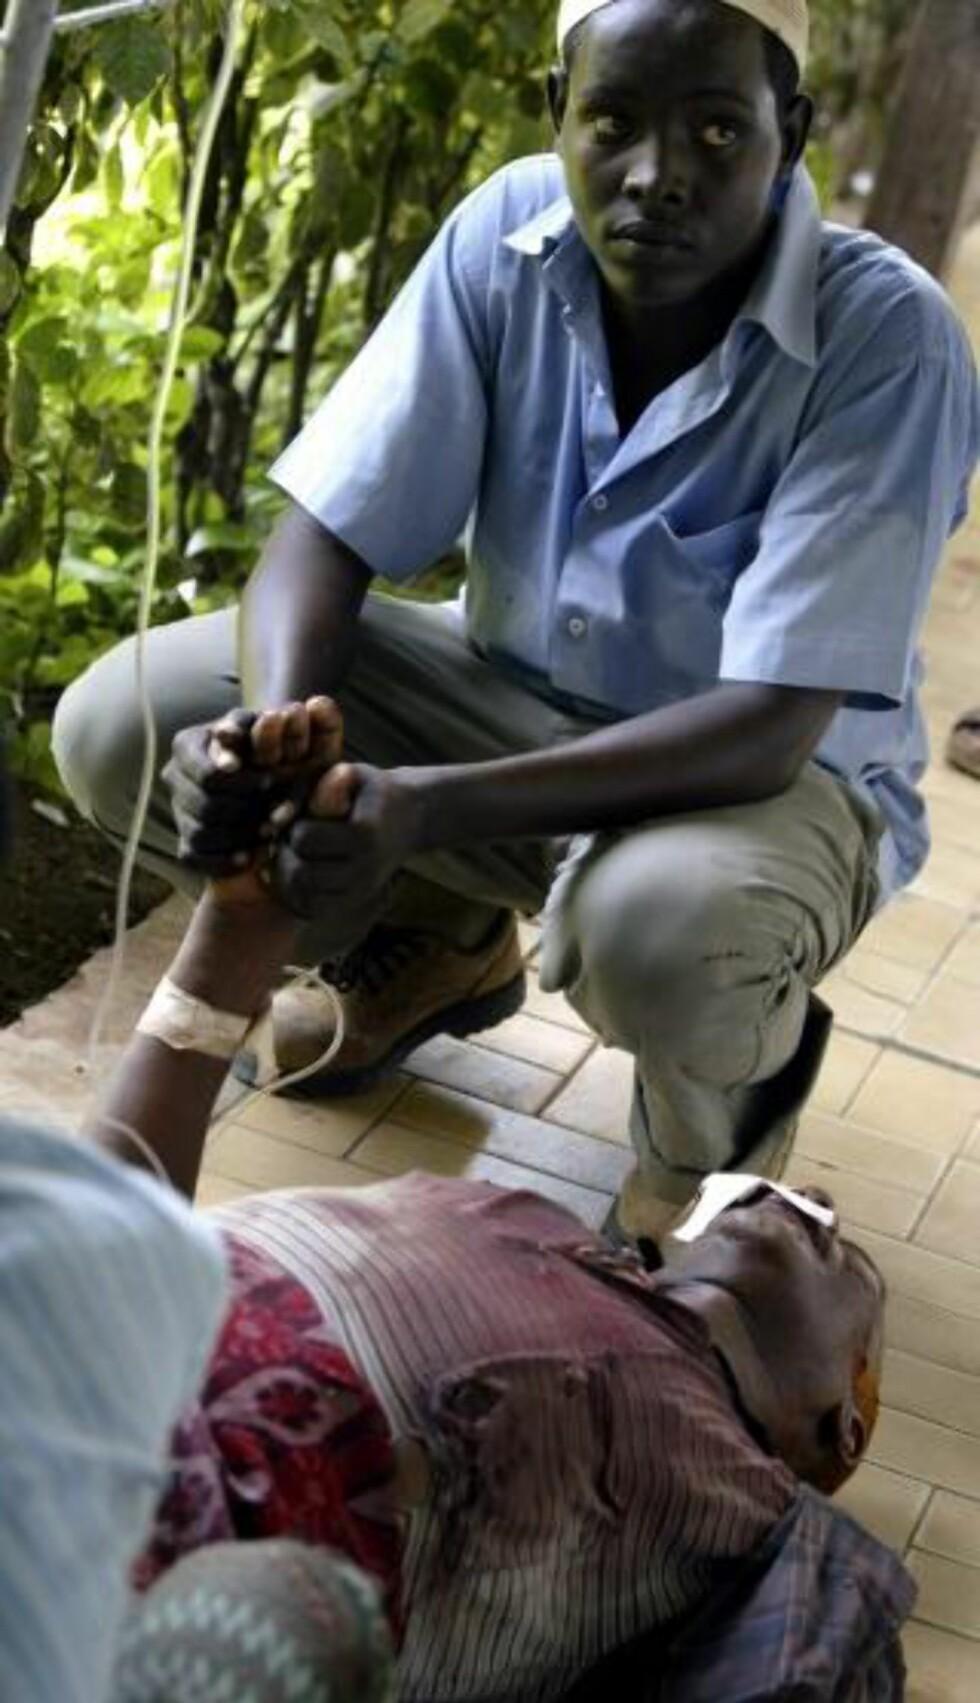 VIKTIG: SOS-sykehuset er et kjærkommet tilskudd til Mogadishu. Her en sønn som holder sin fars hånd på sykehuset i 2007. Foto: Reuters/Scanpix